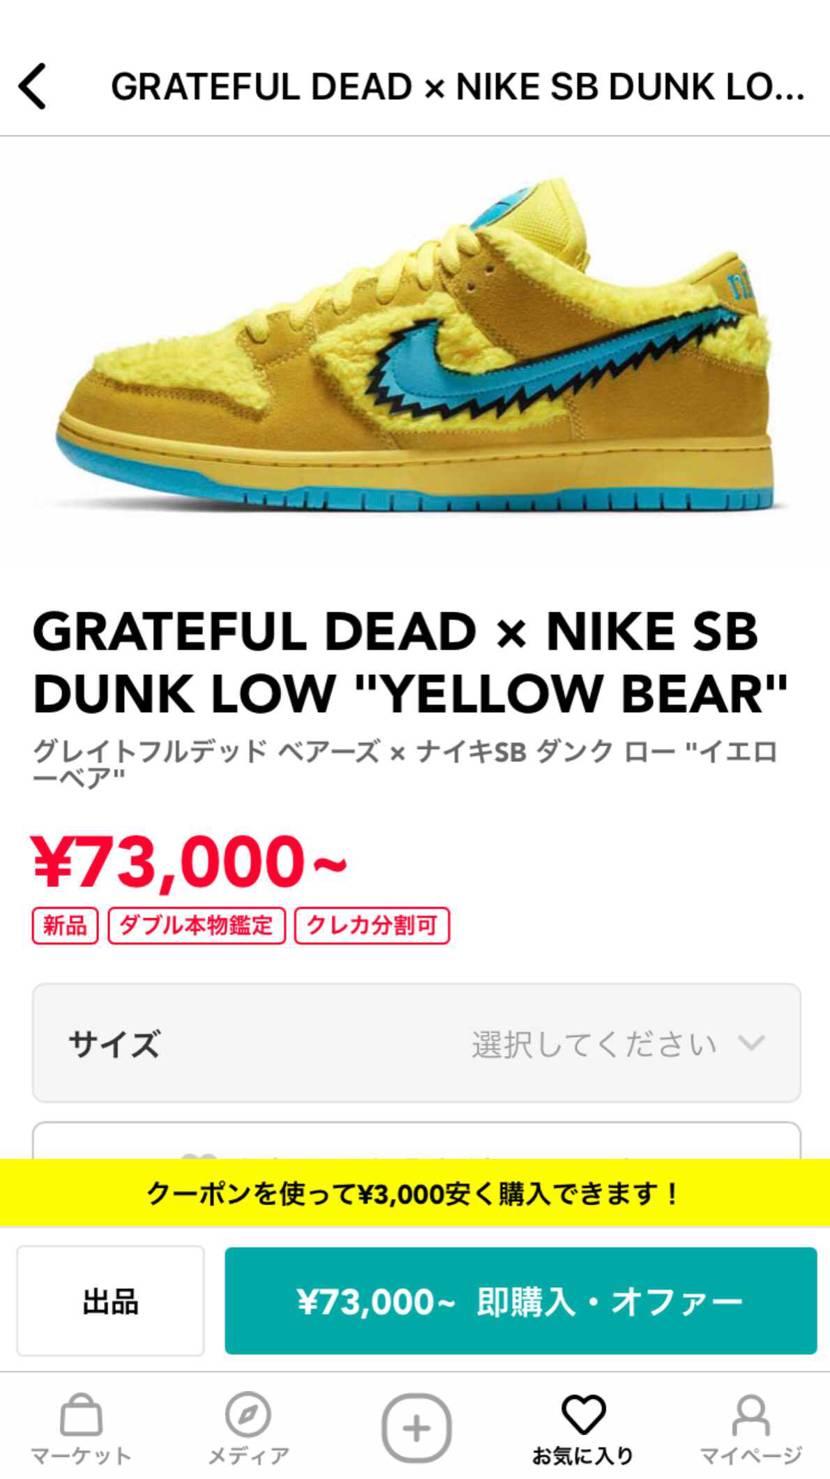 28.5センチを出品中の方達へ、どうか78000円まで値下げして下さい。即決しま